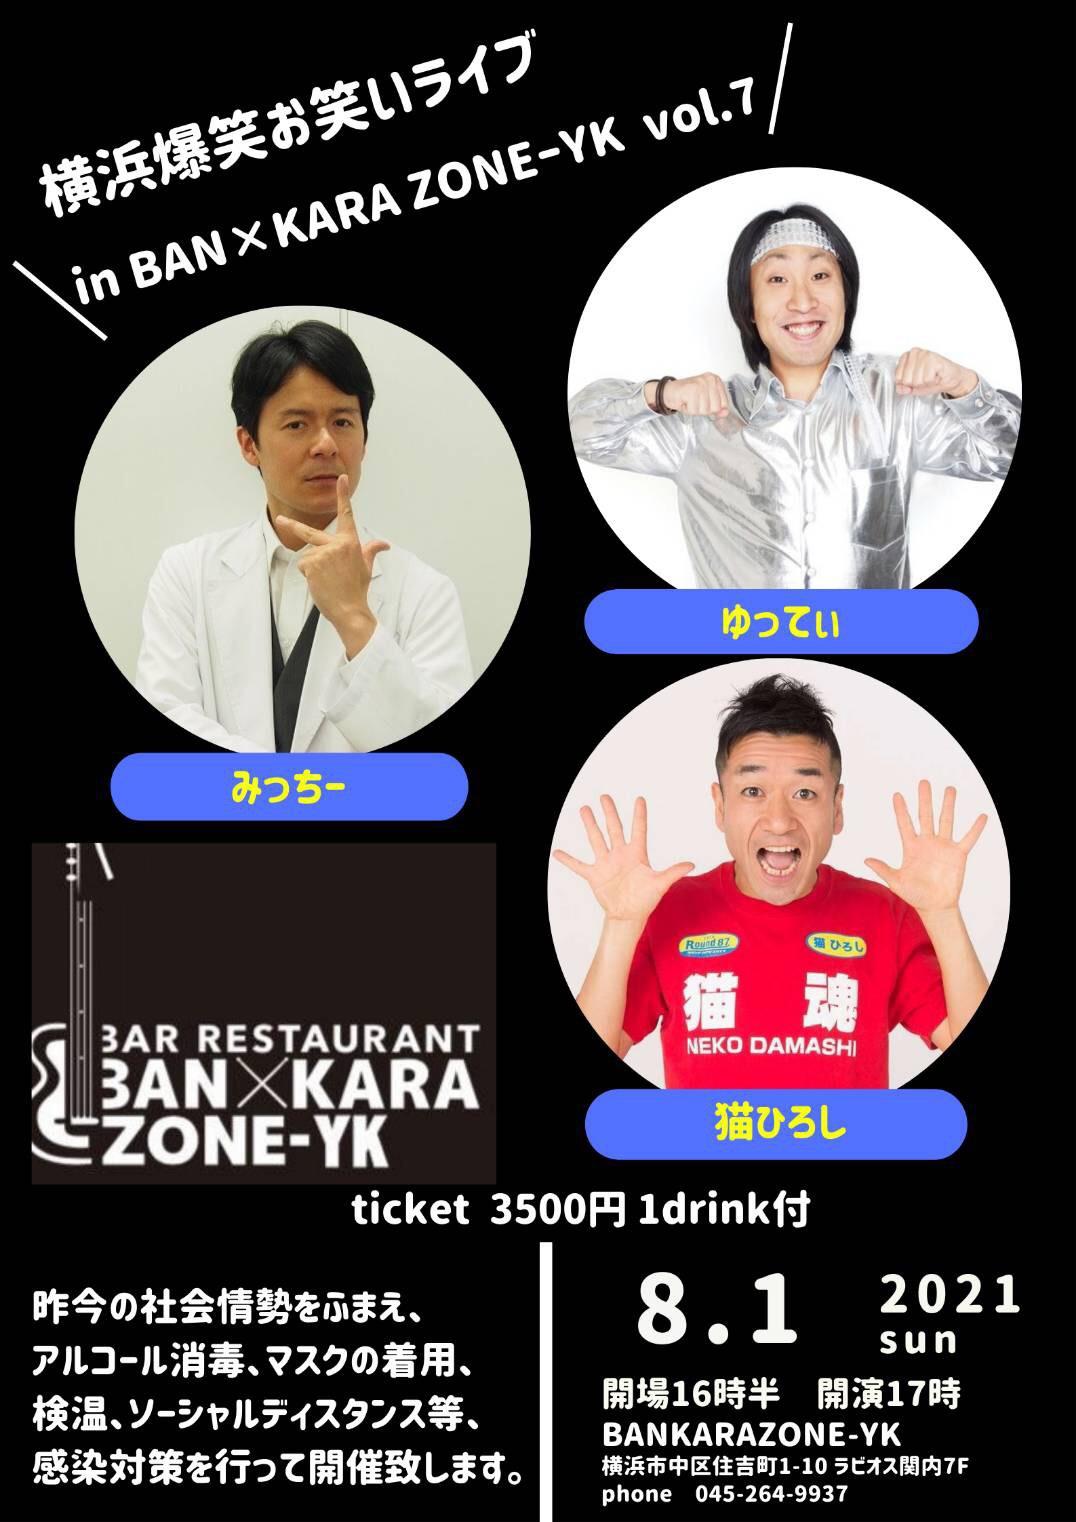 横浜爆笑お笑いライブ in BAN×KARAZONE-YK vol.7 画像1